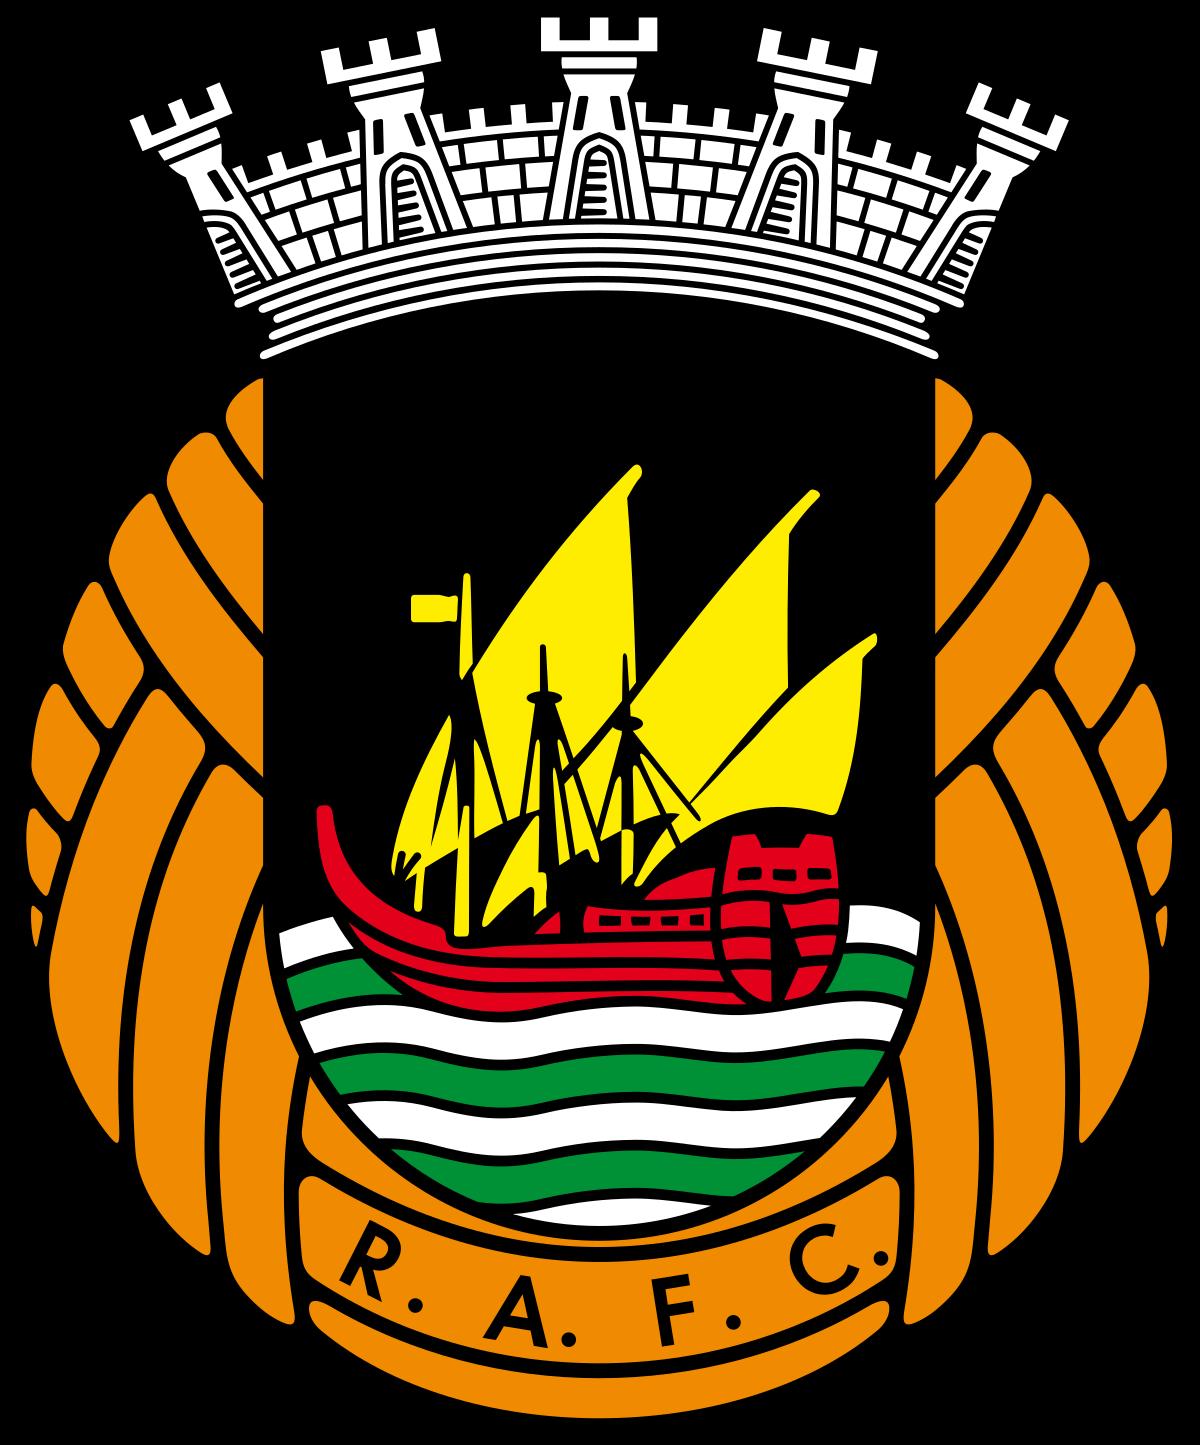 Rio Ave-2 logo